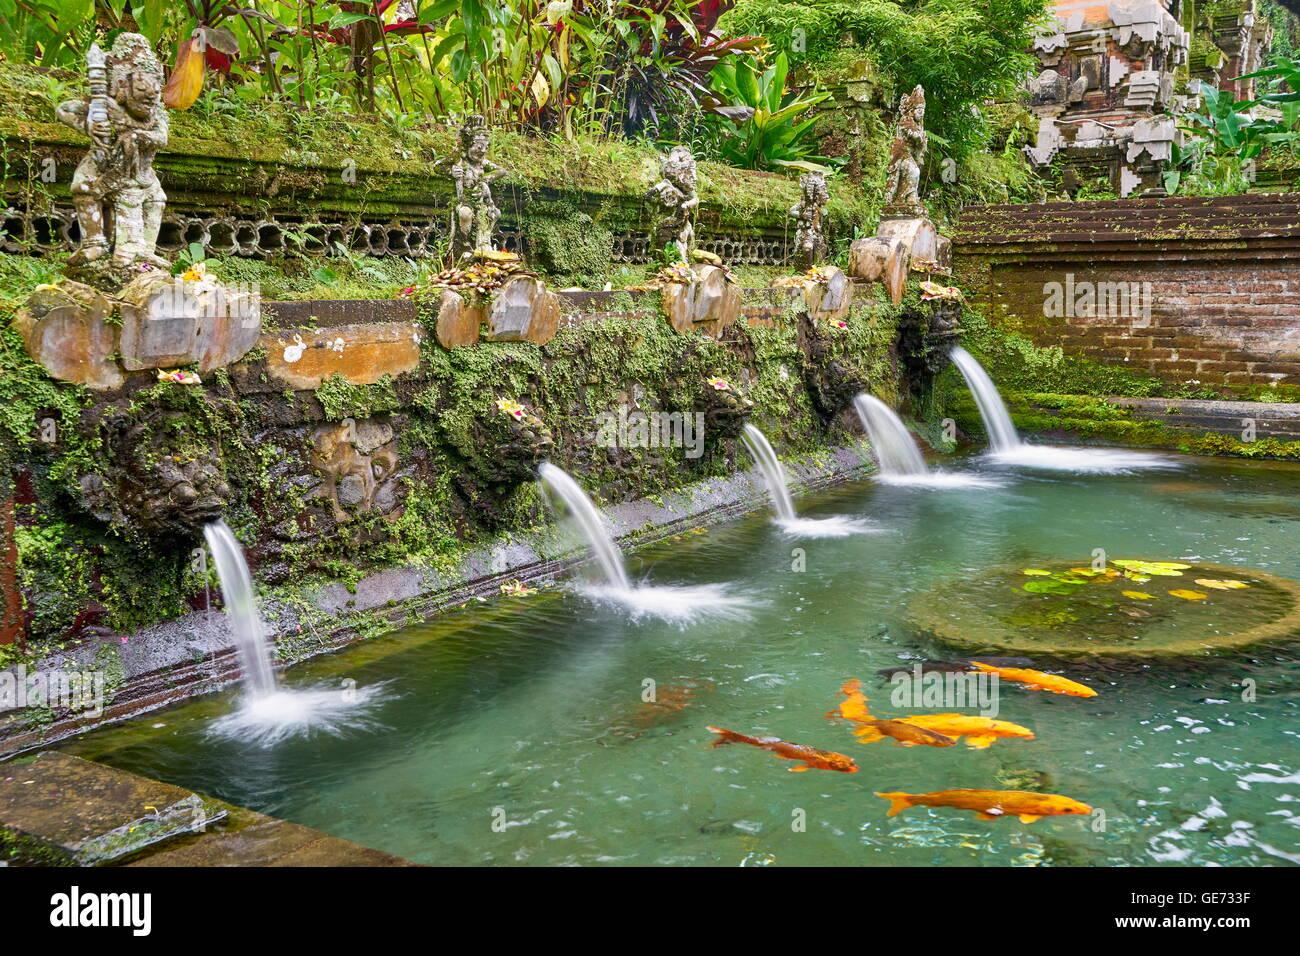 Los resortes en el santo templo Pura Gunung Kawi, Bali, Indonesia Imagen De Stock